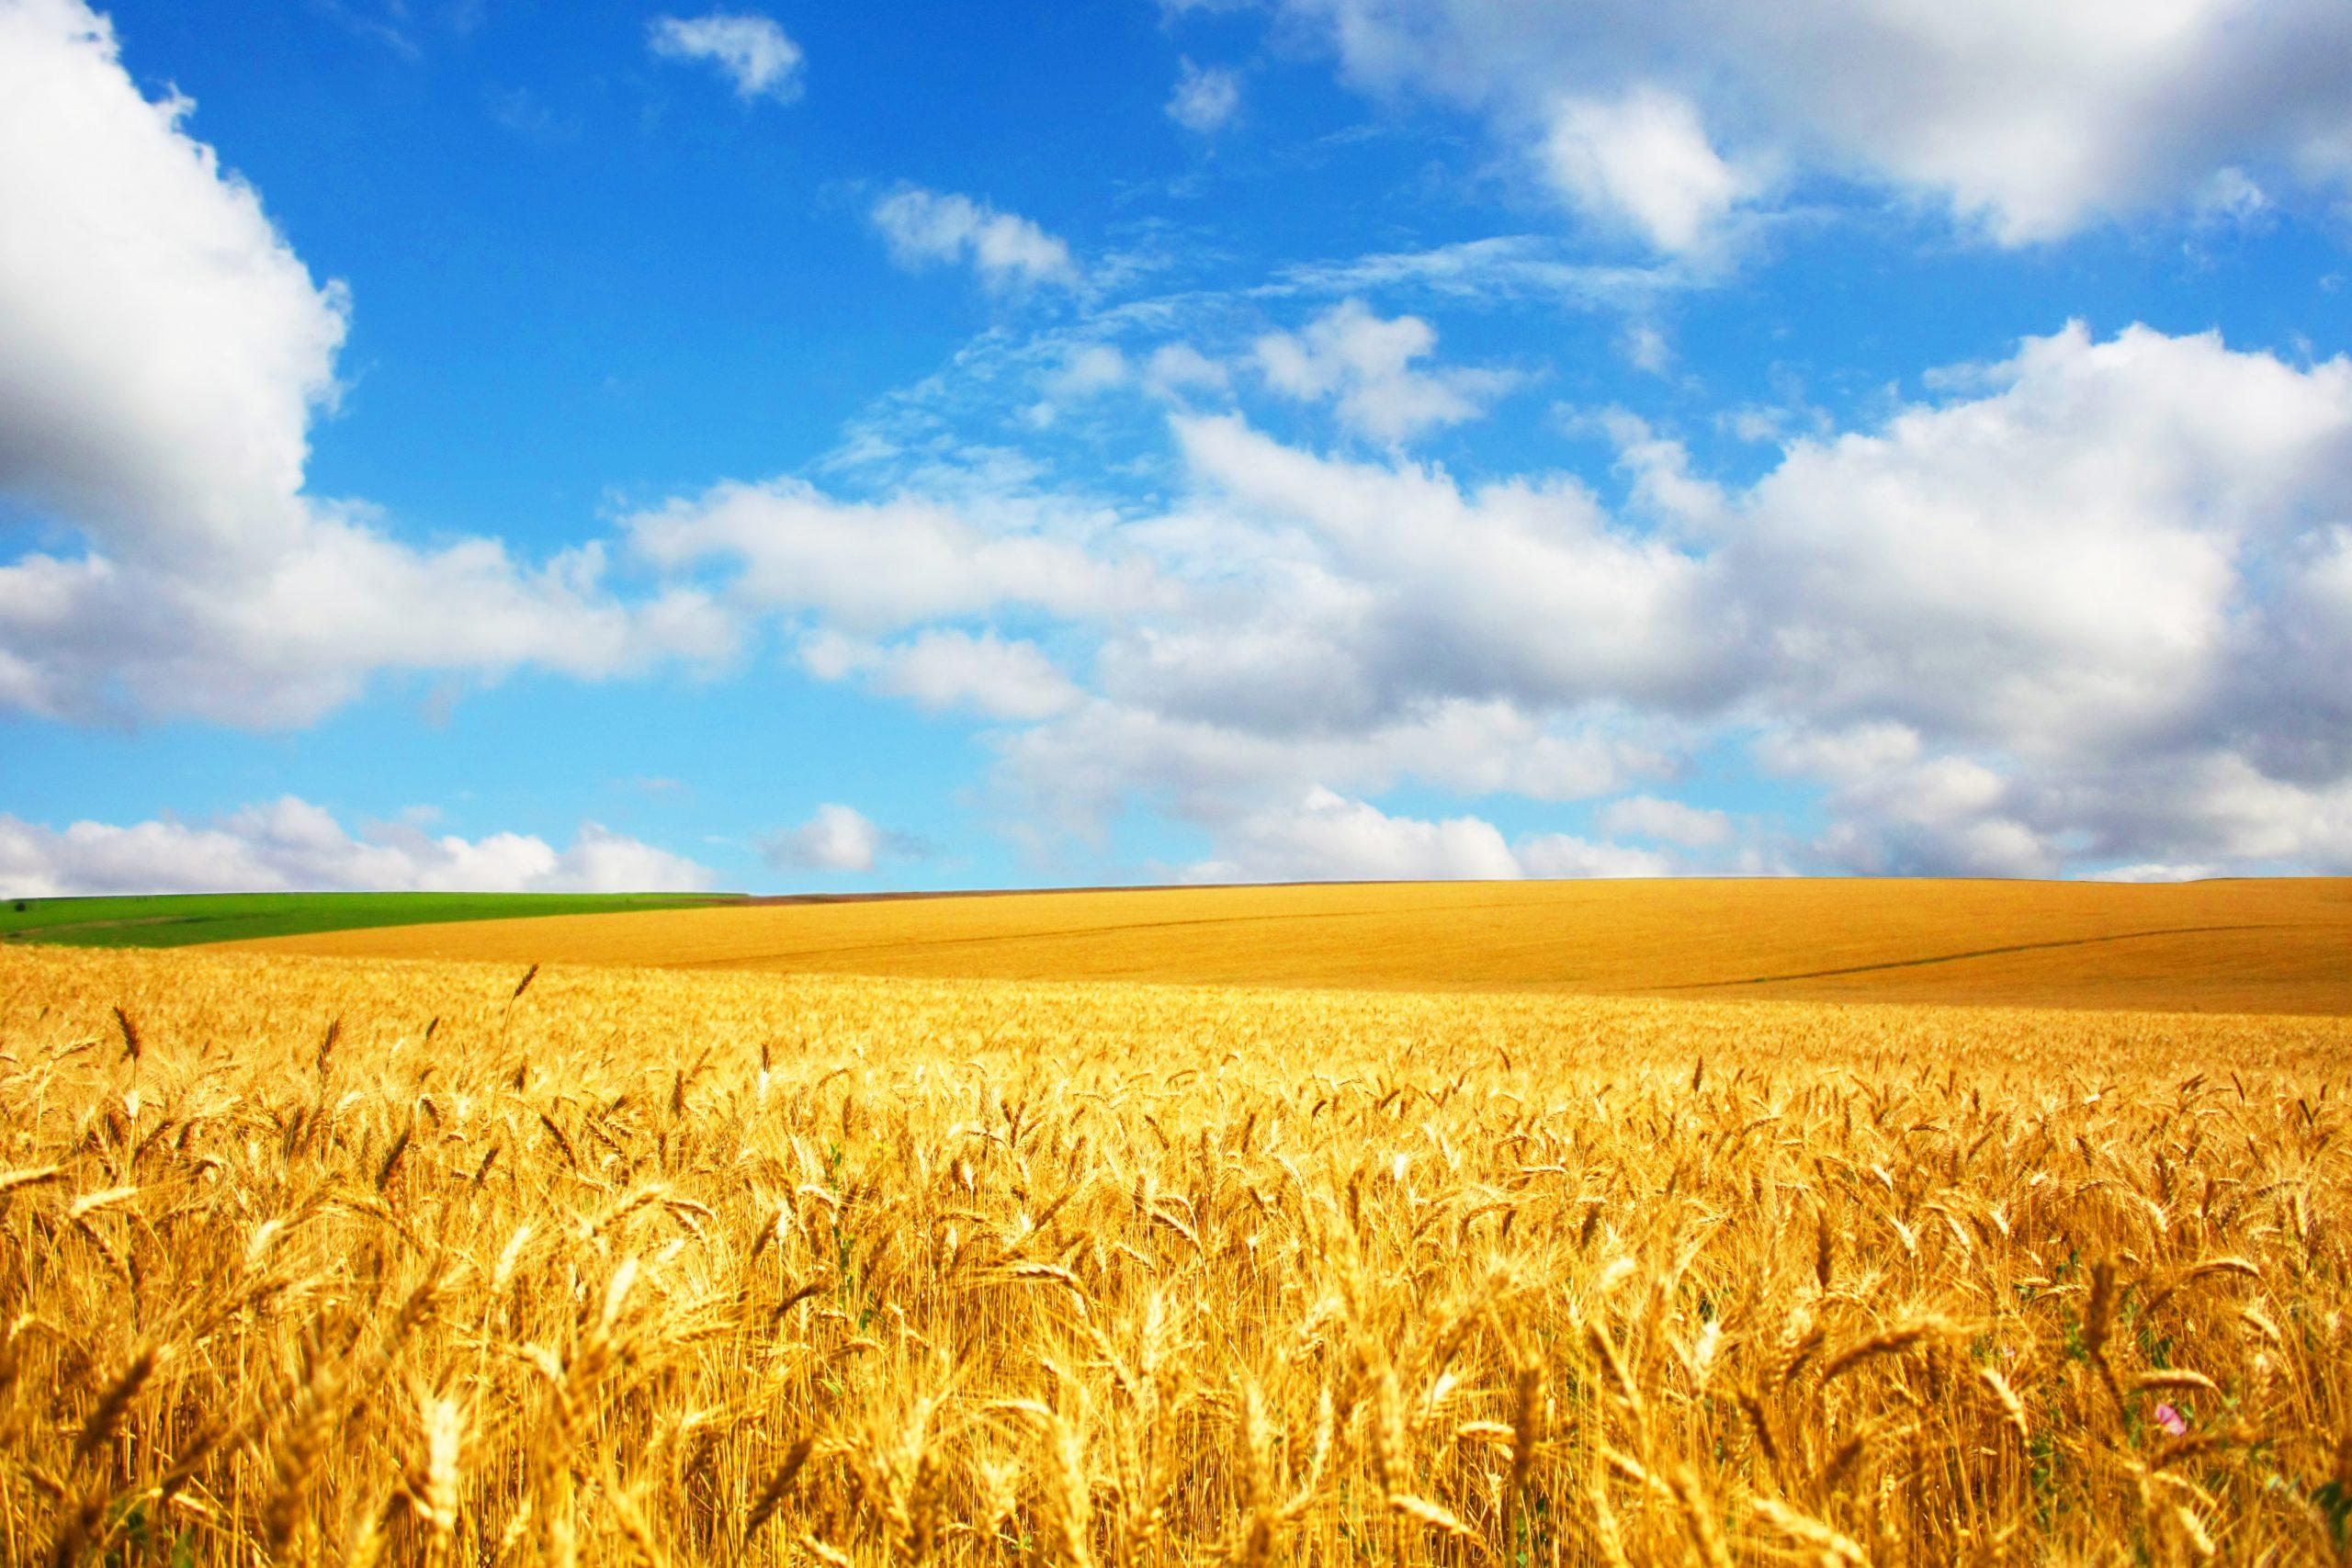 Field of wheat crop